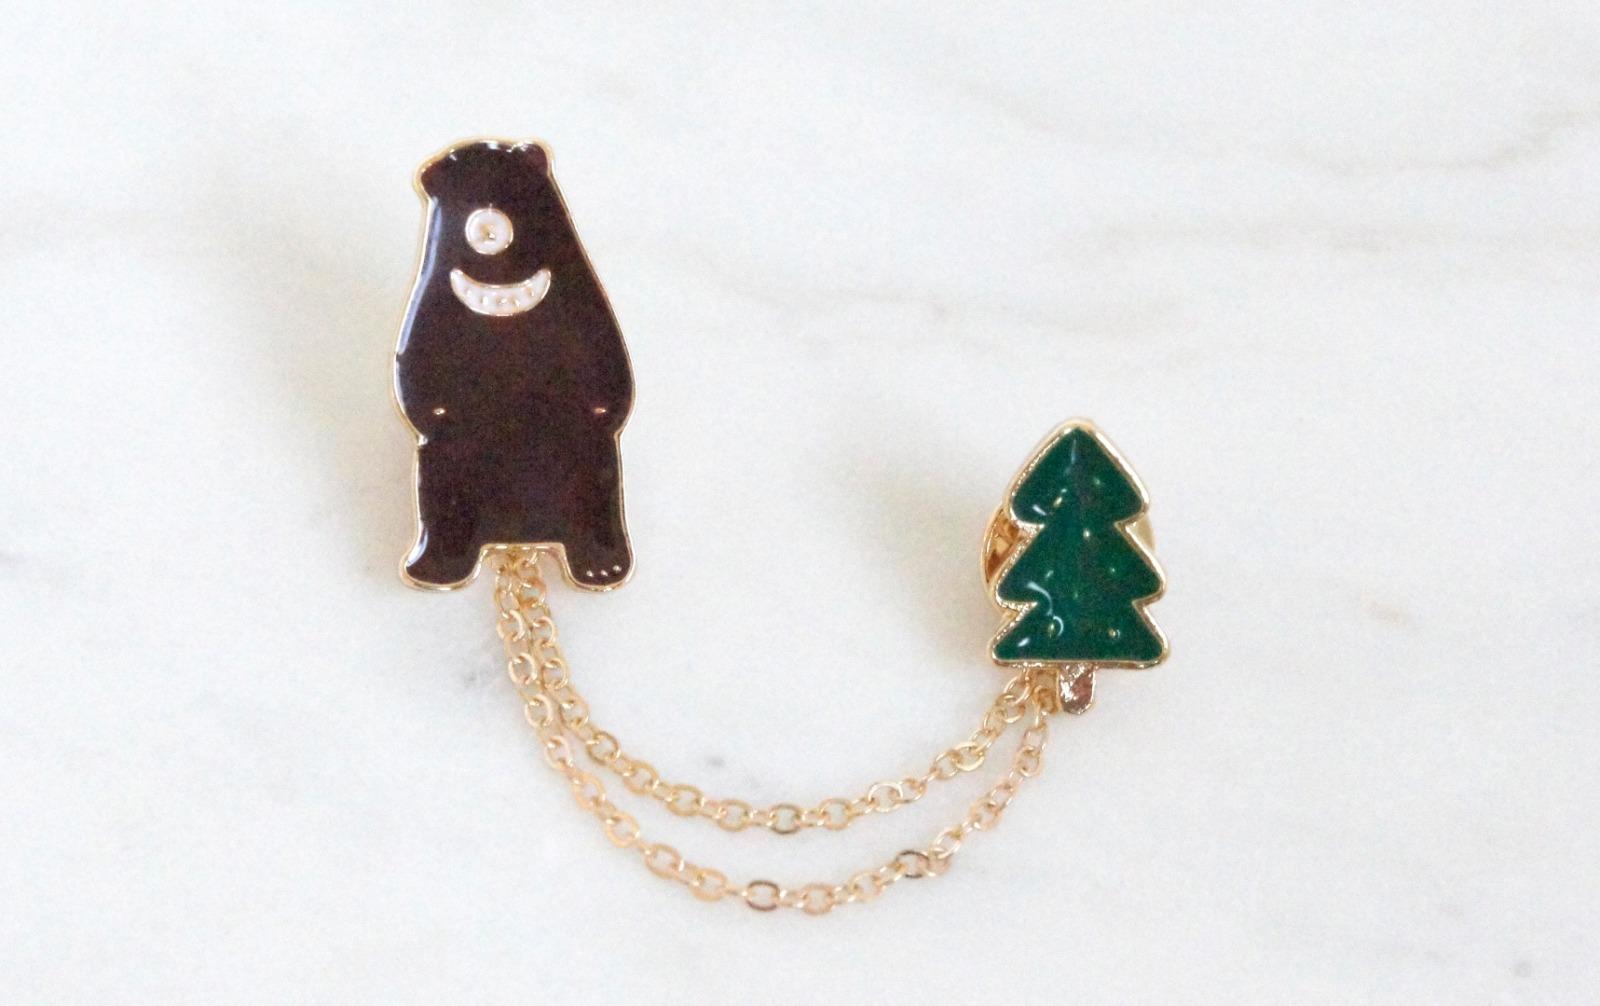 Brosche Pin Bär mit Tannenbaum - 2